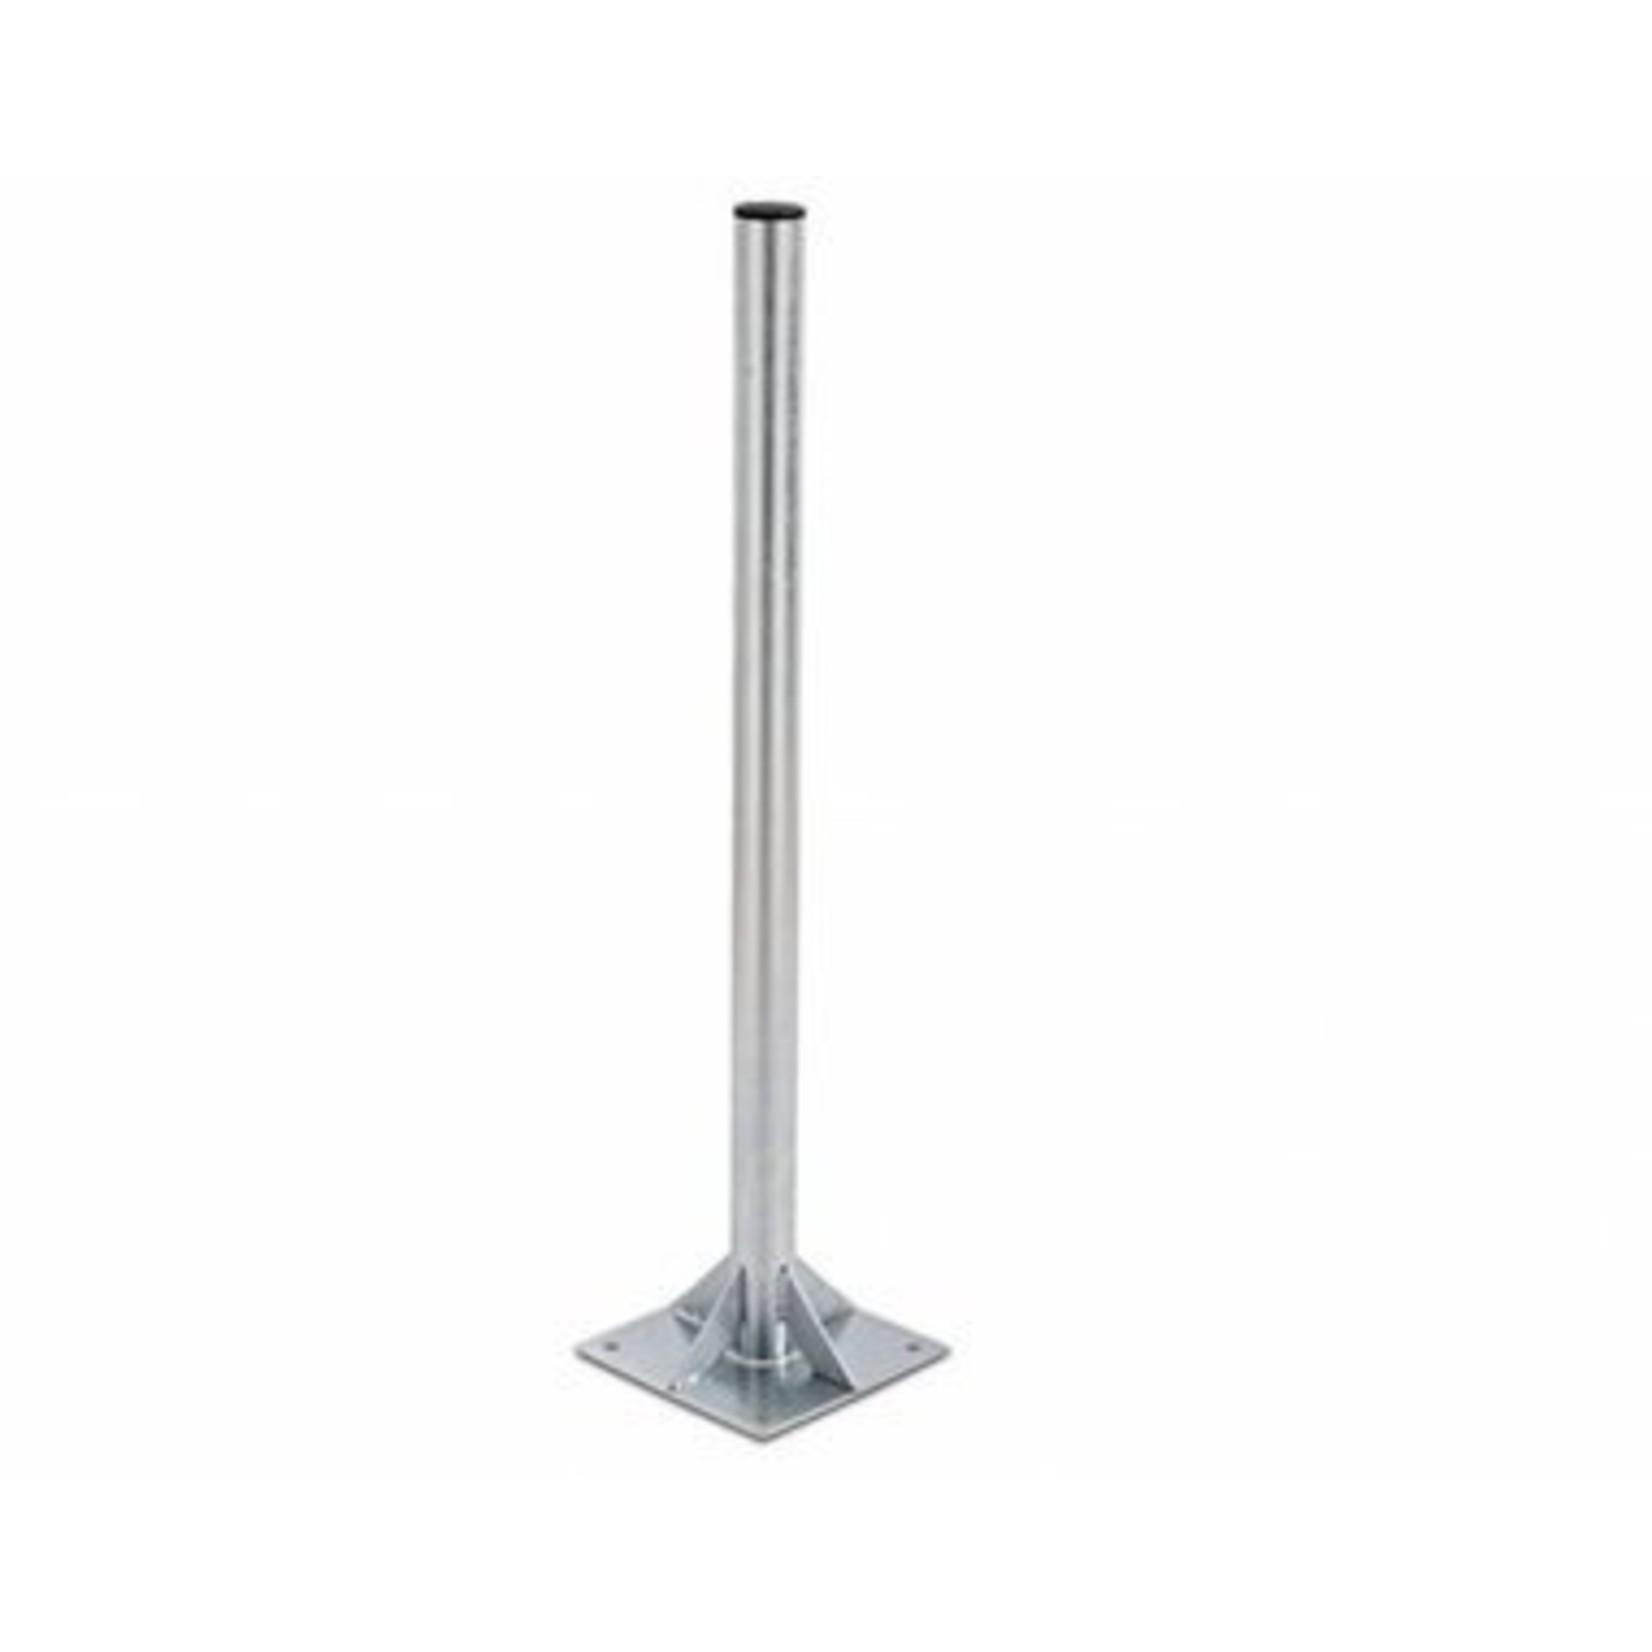 DEFISAT FIXATION SOL AVEC MAT 60 mm diamètre - 1 PIED 30x30 cm